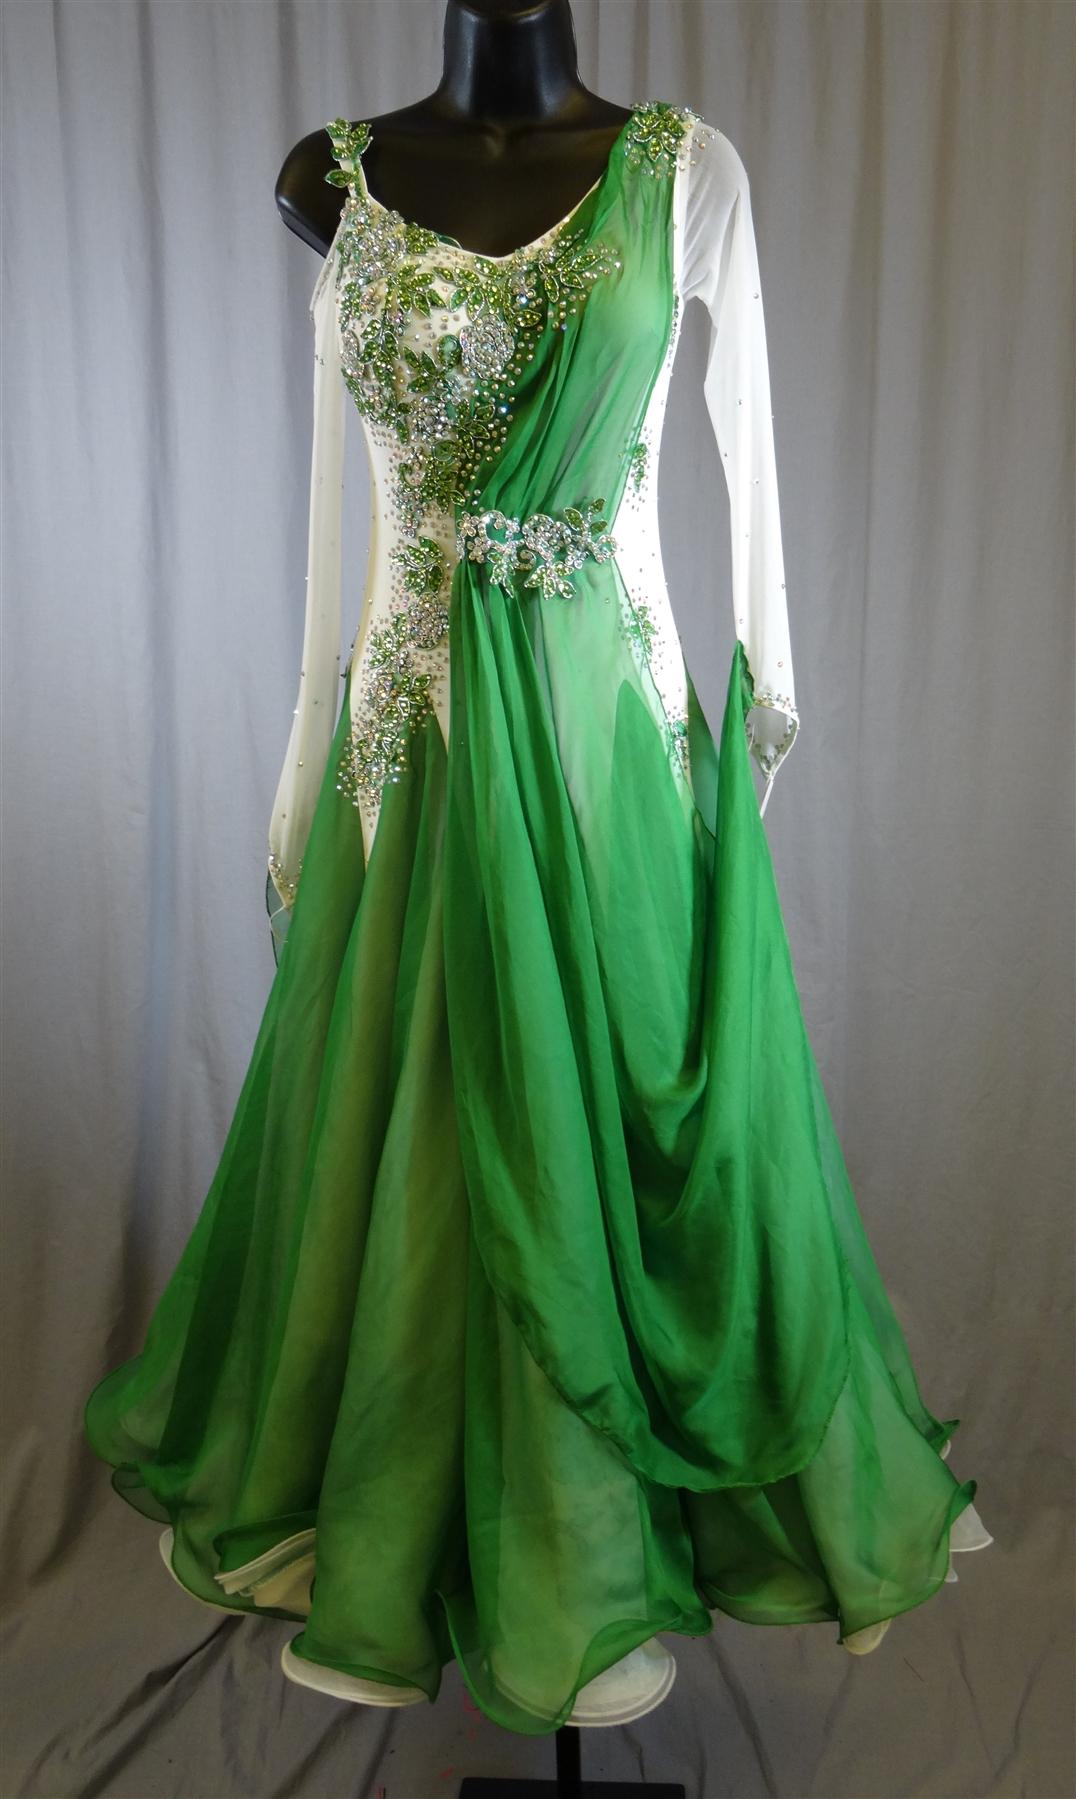 Custom And Practice >> Elegant White & Green Long Mesh Sleeves Ballroom Dress